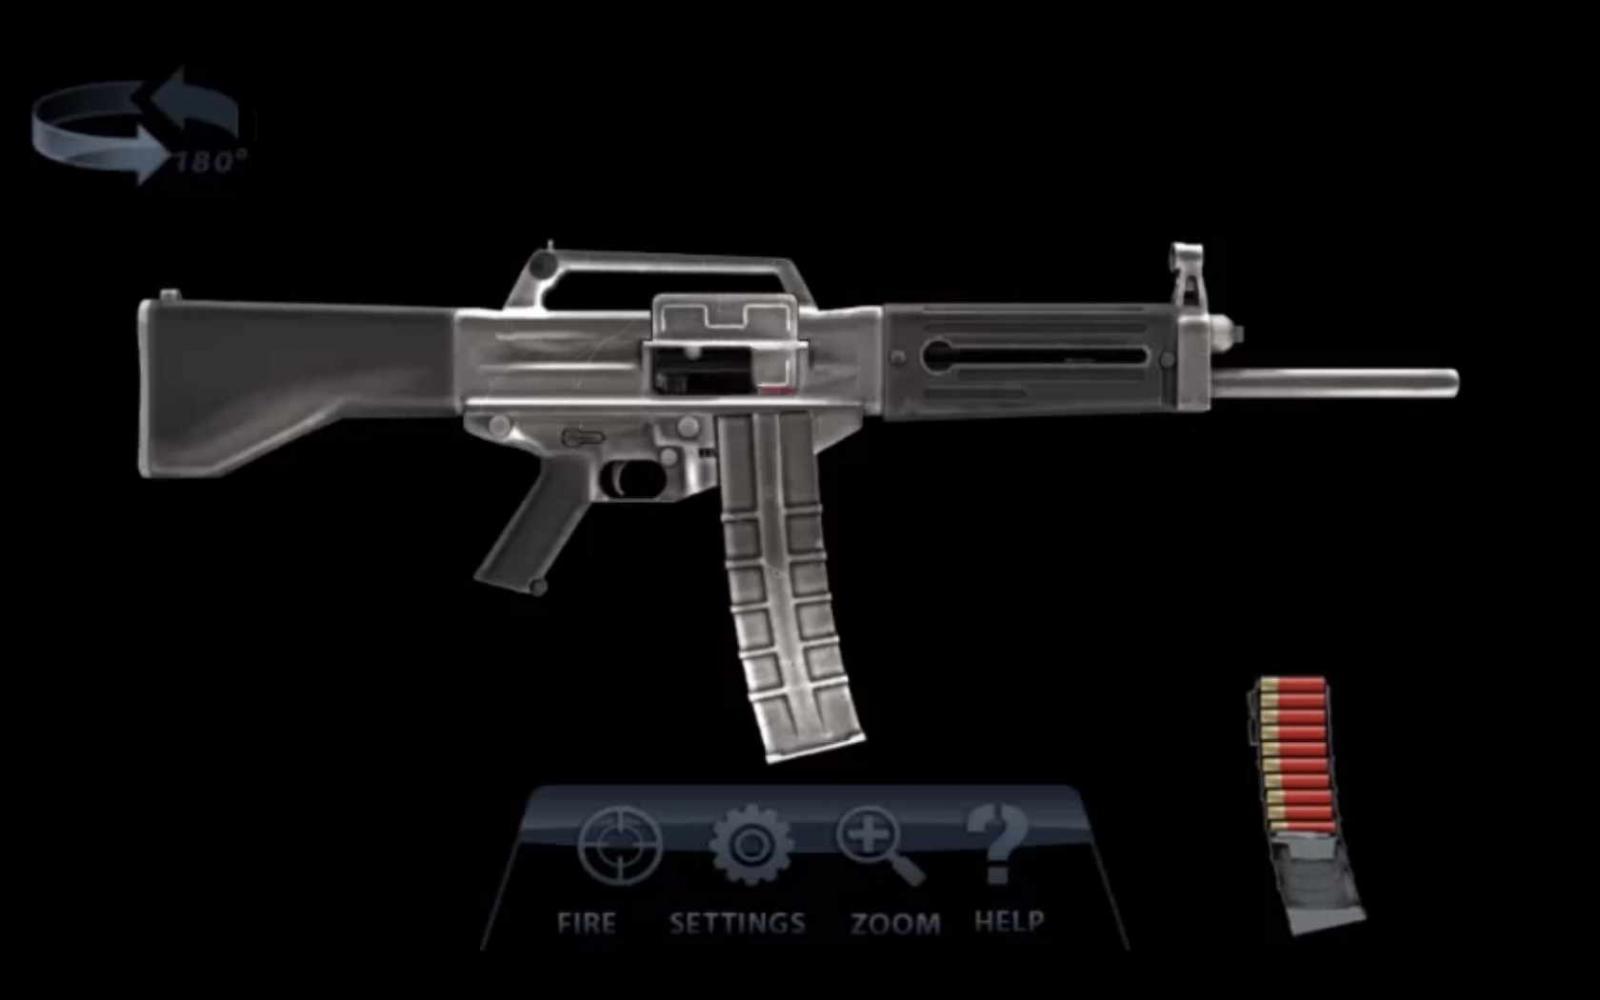 Скачать Guns Club 2 Полную Версию Через Android One.Ru